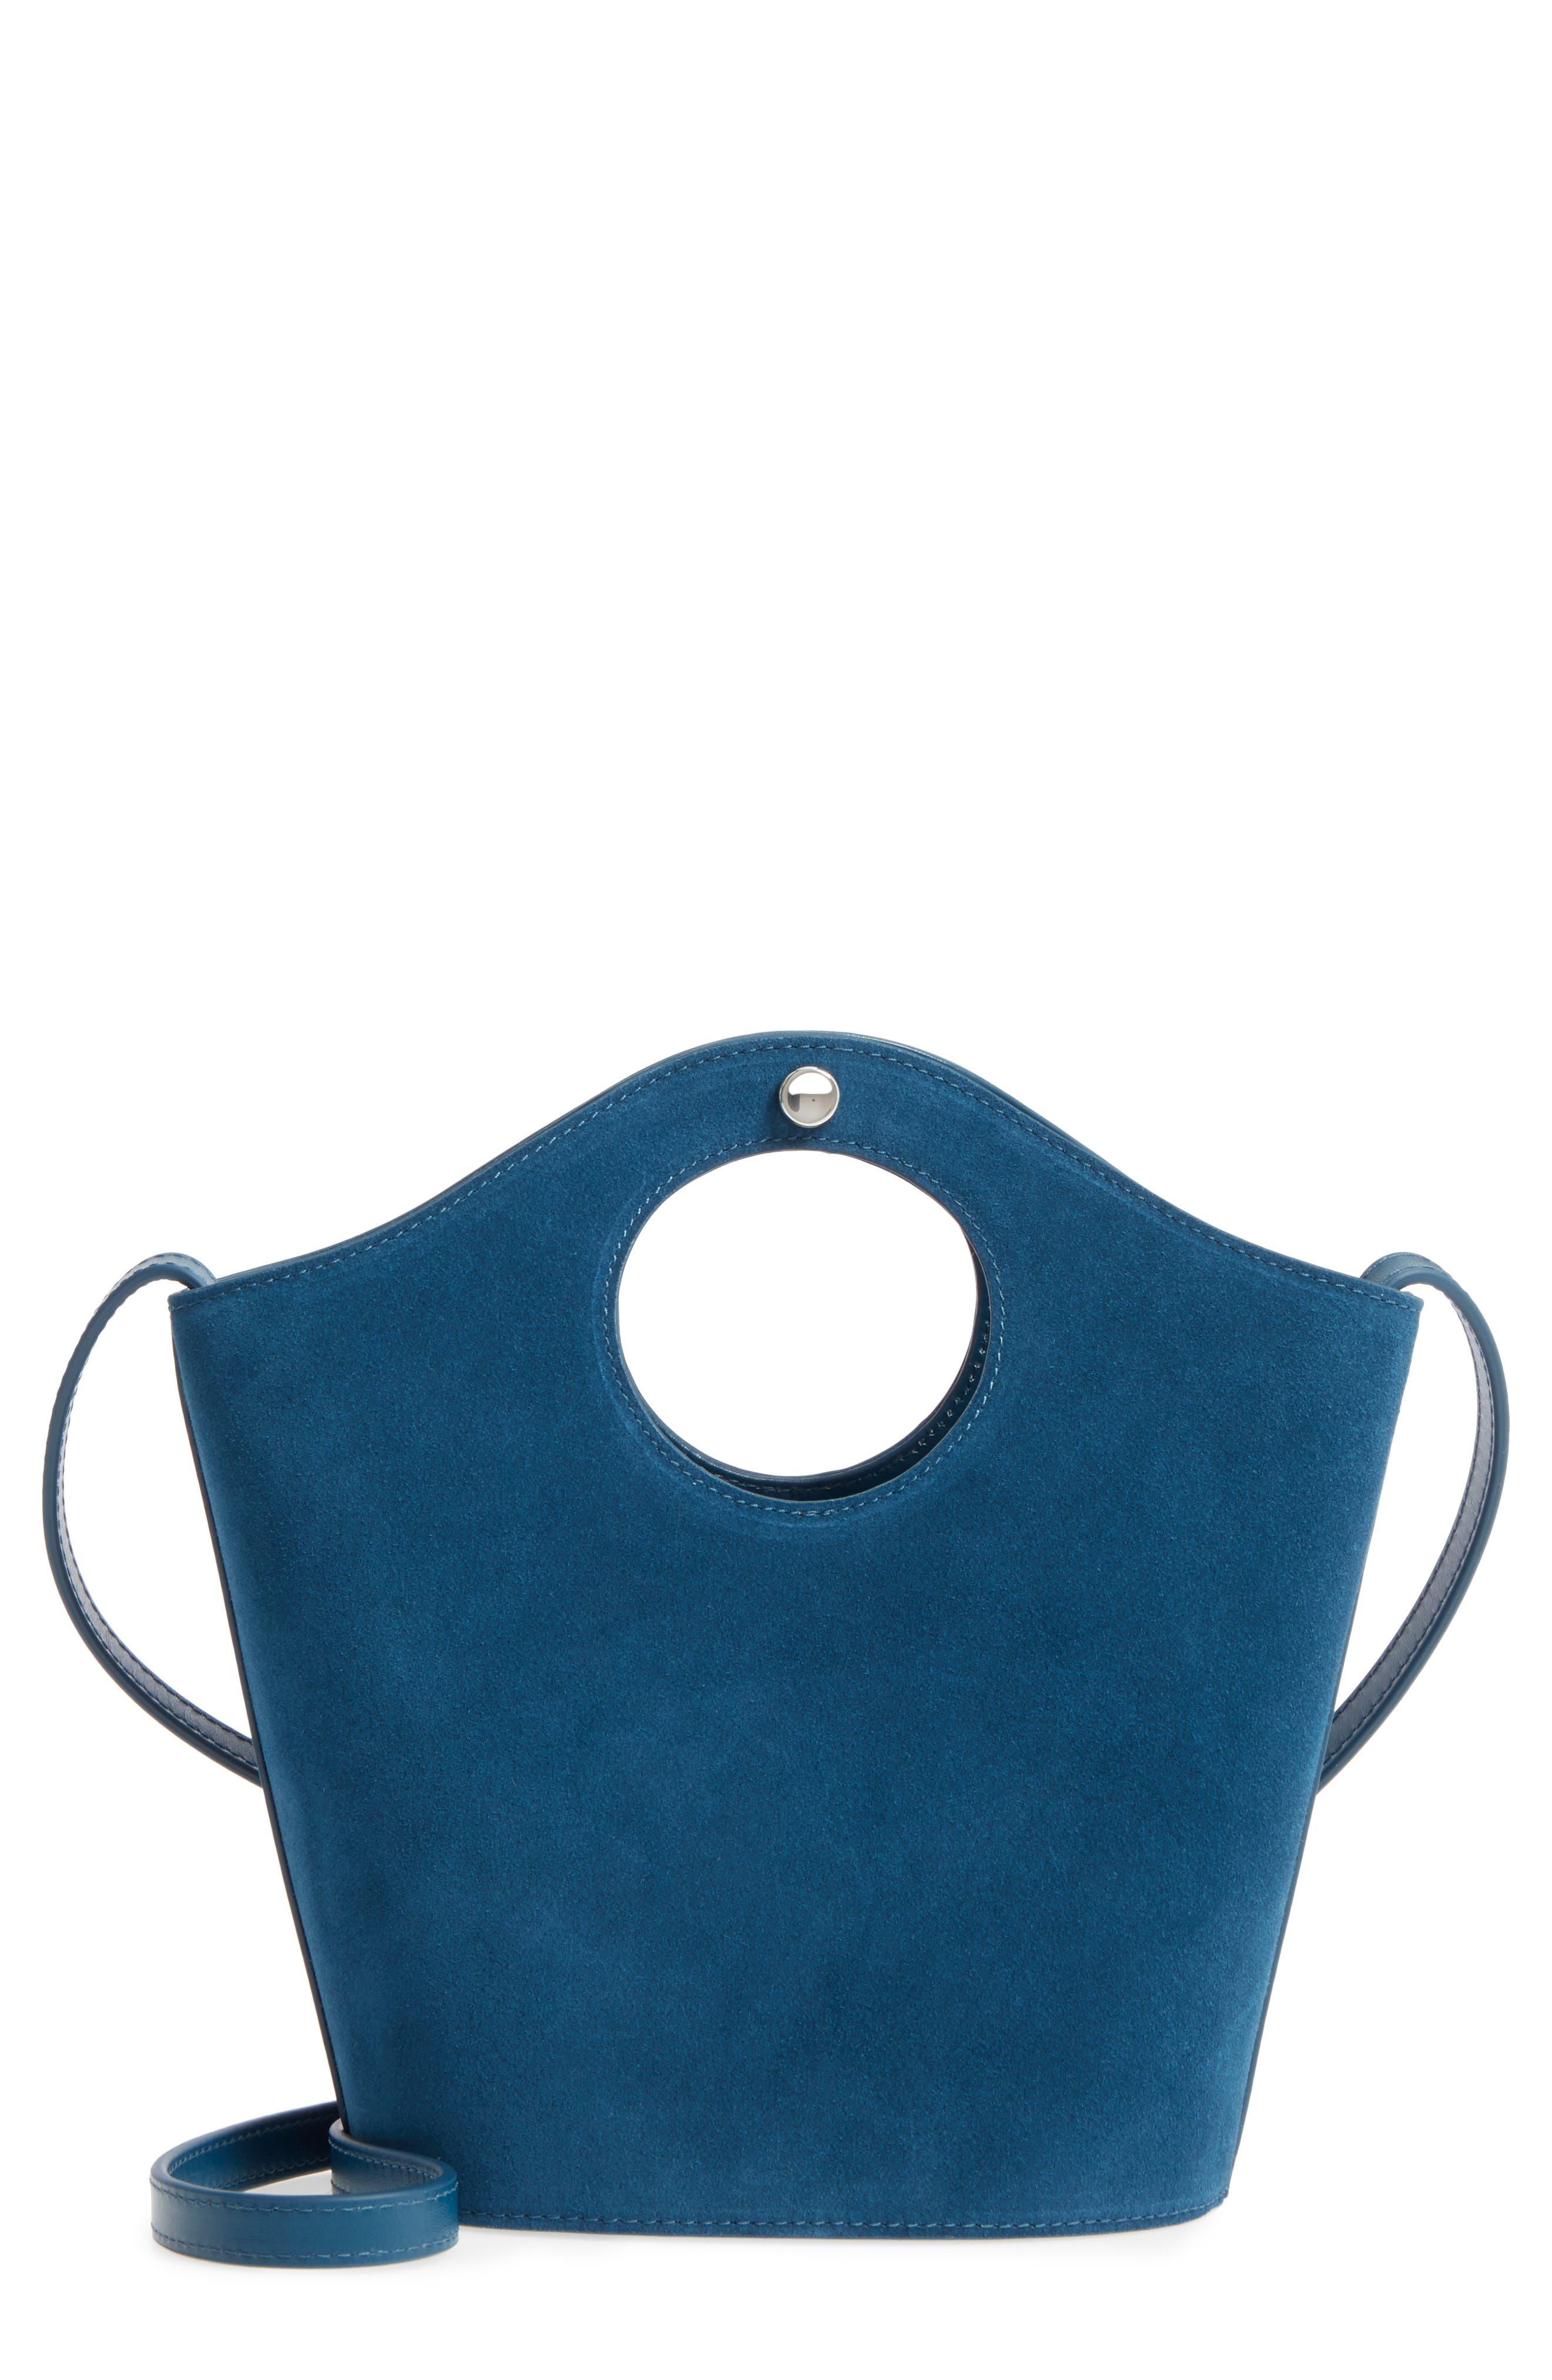 Petite Market Leather Shopper,                         Main,                         color, 400